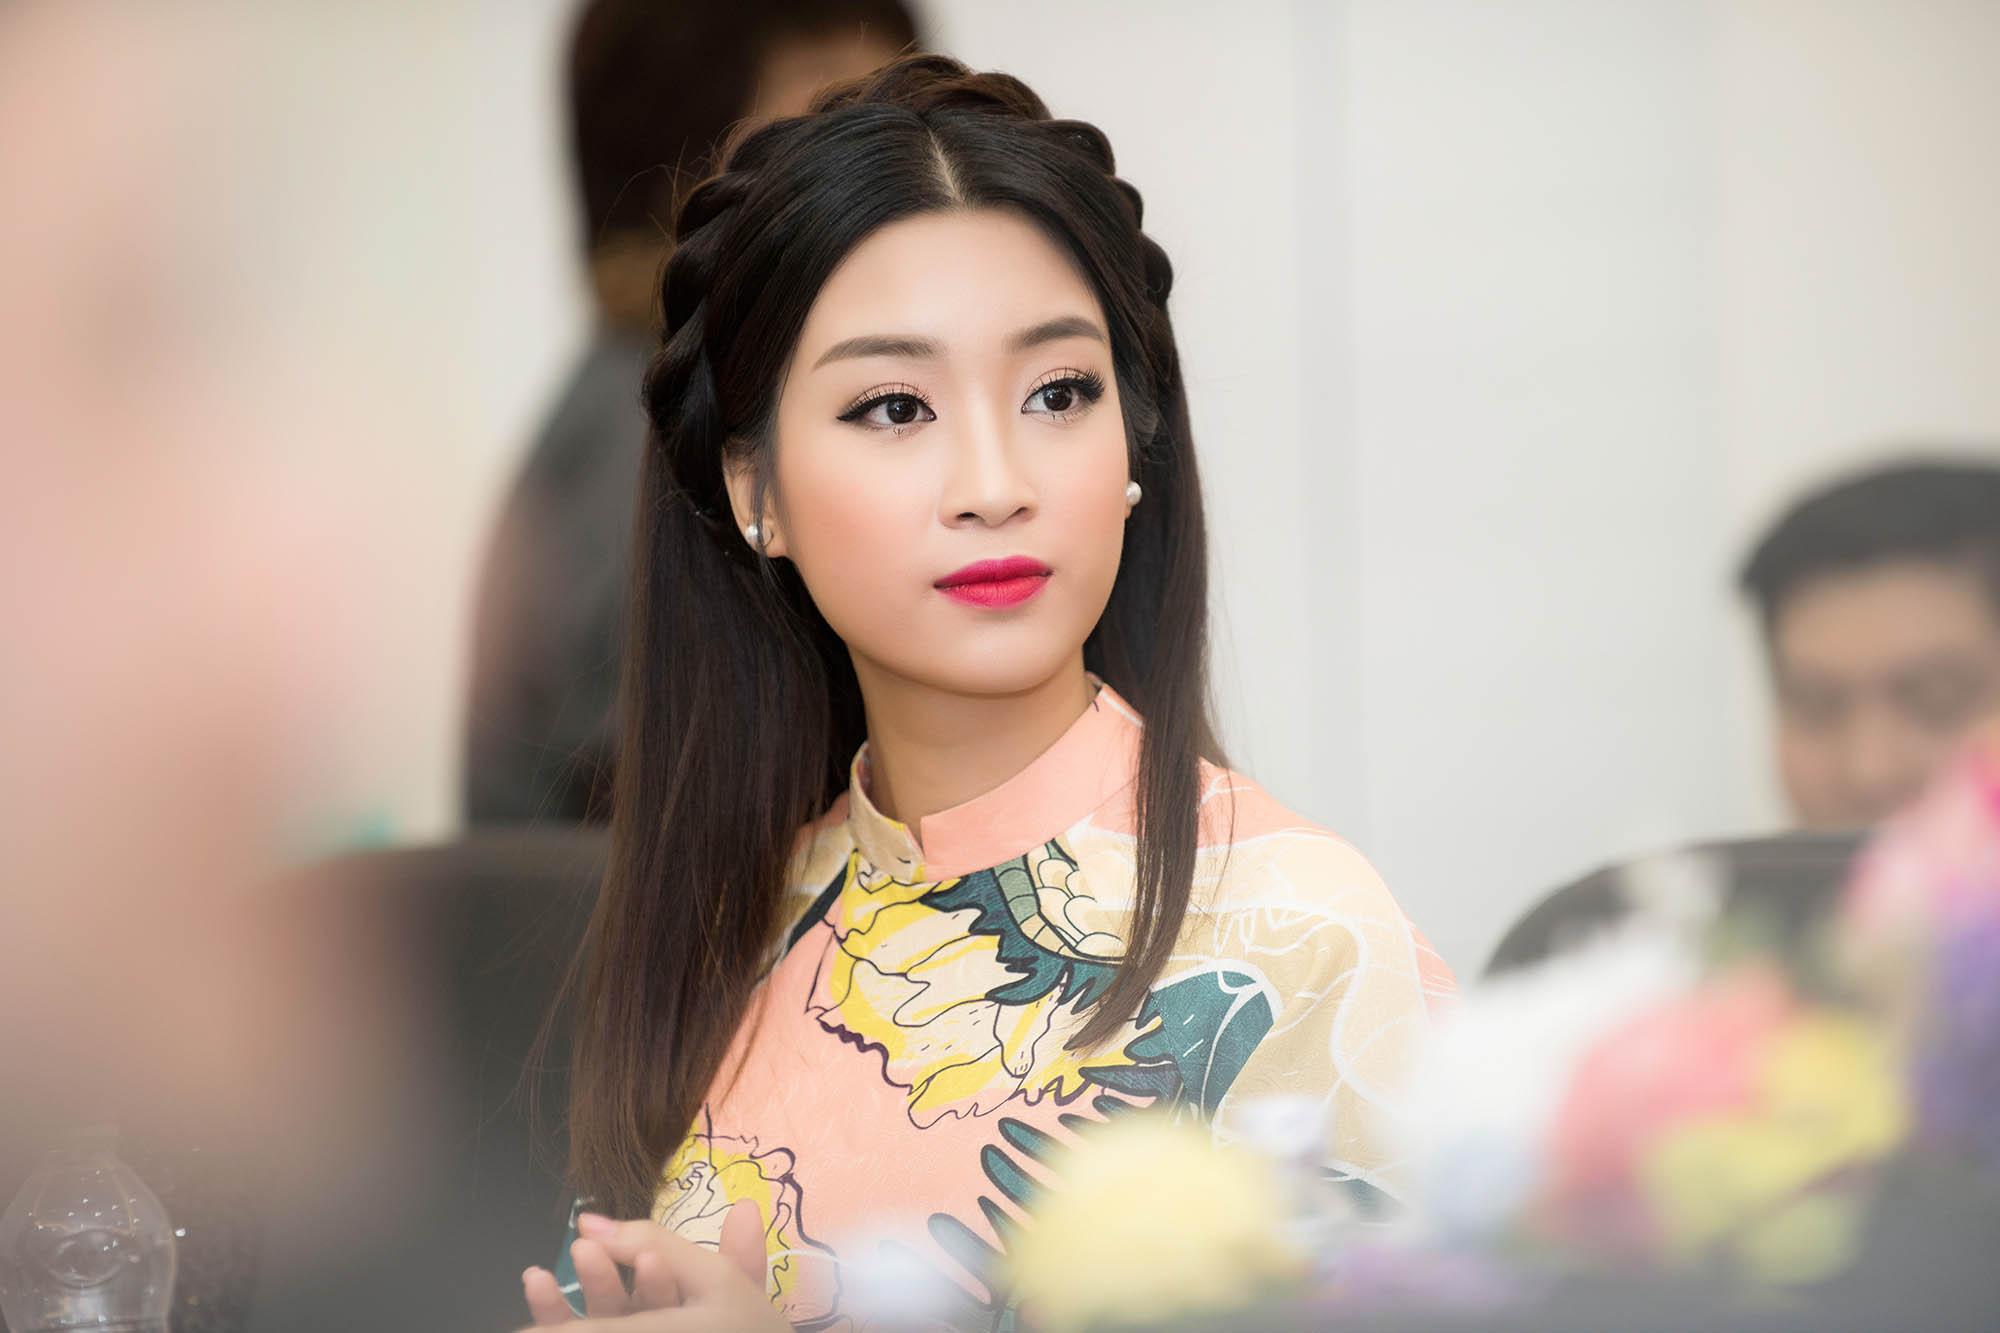 Hoa hậu Mỹ Linh đẹp không tỳ vết khi đi chấm thi nhan sắc 8